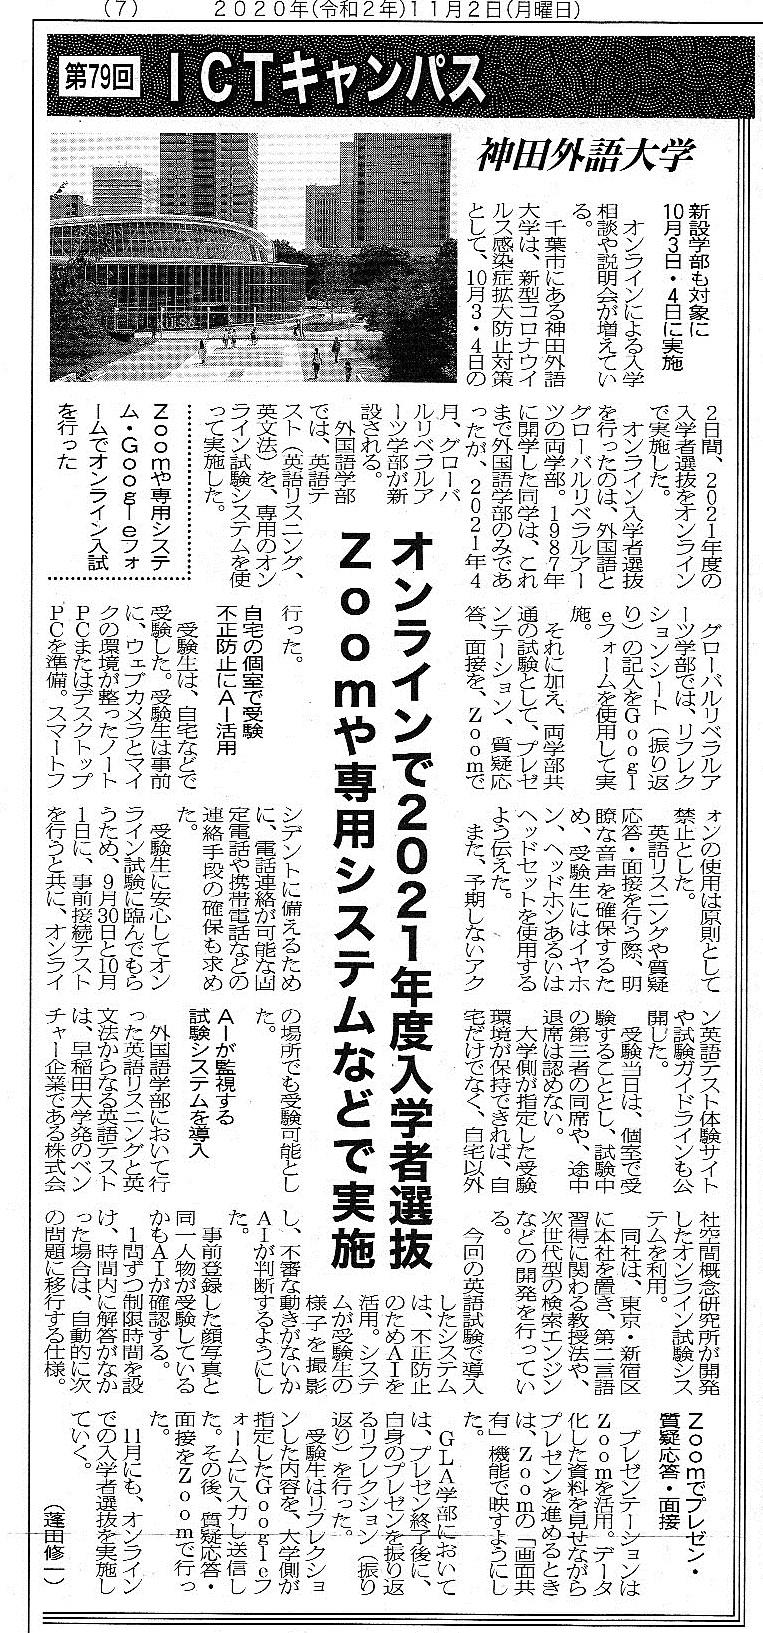 079神田外語大学